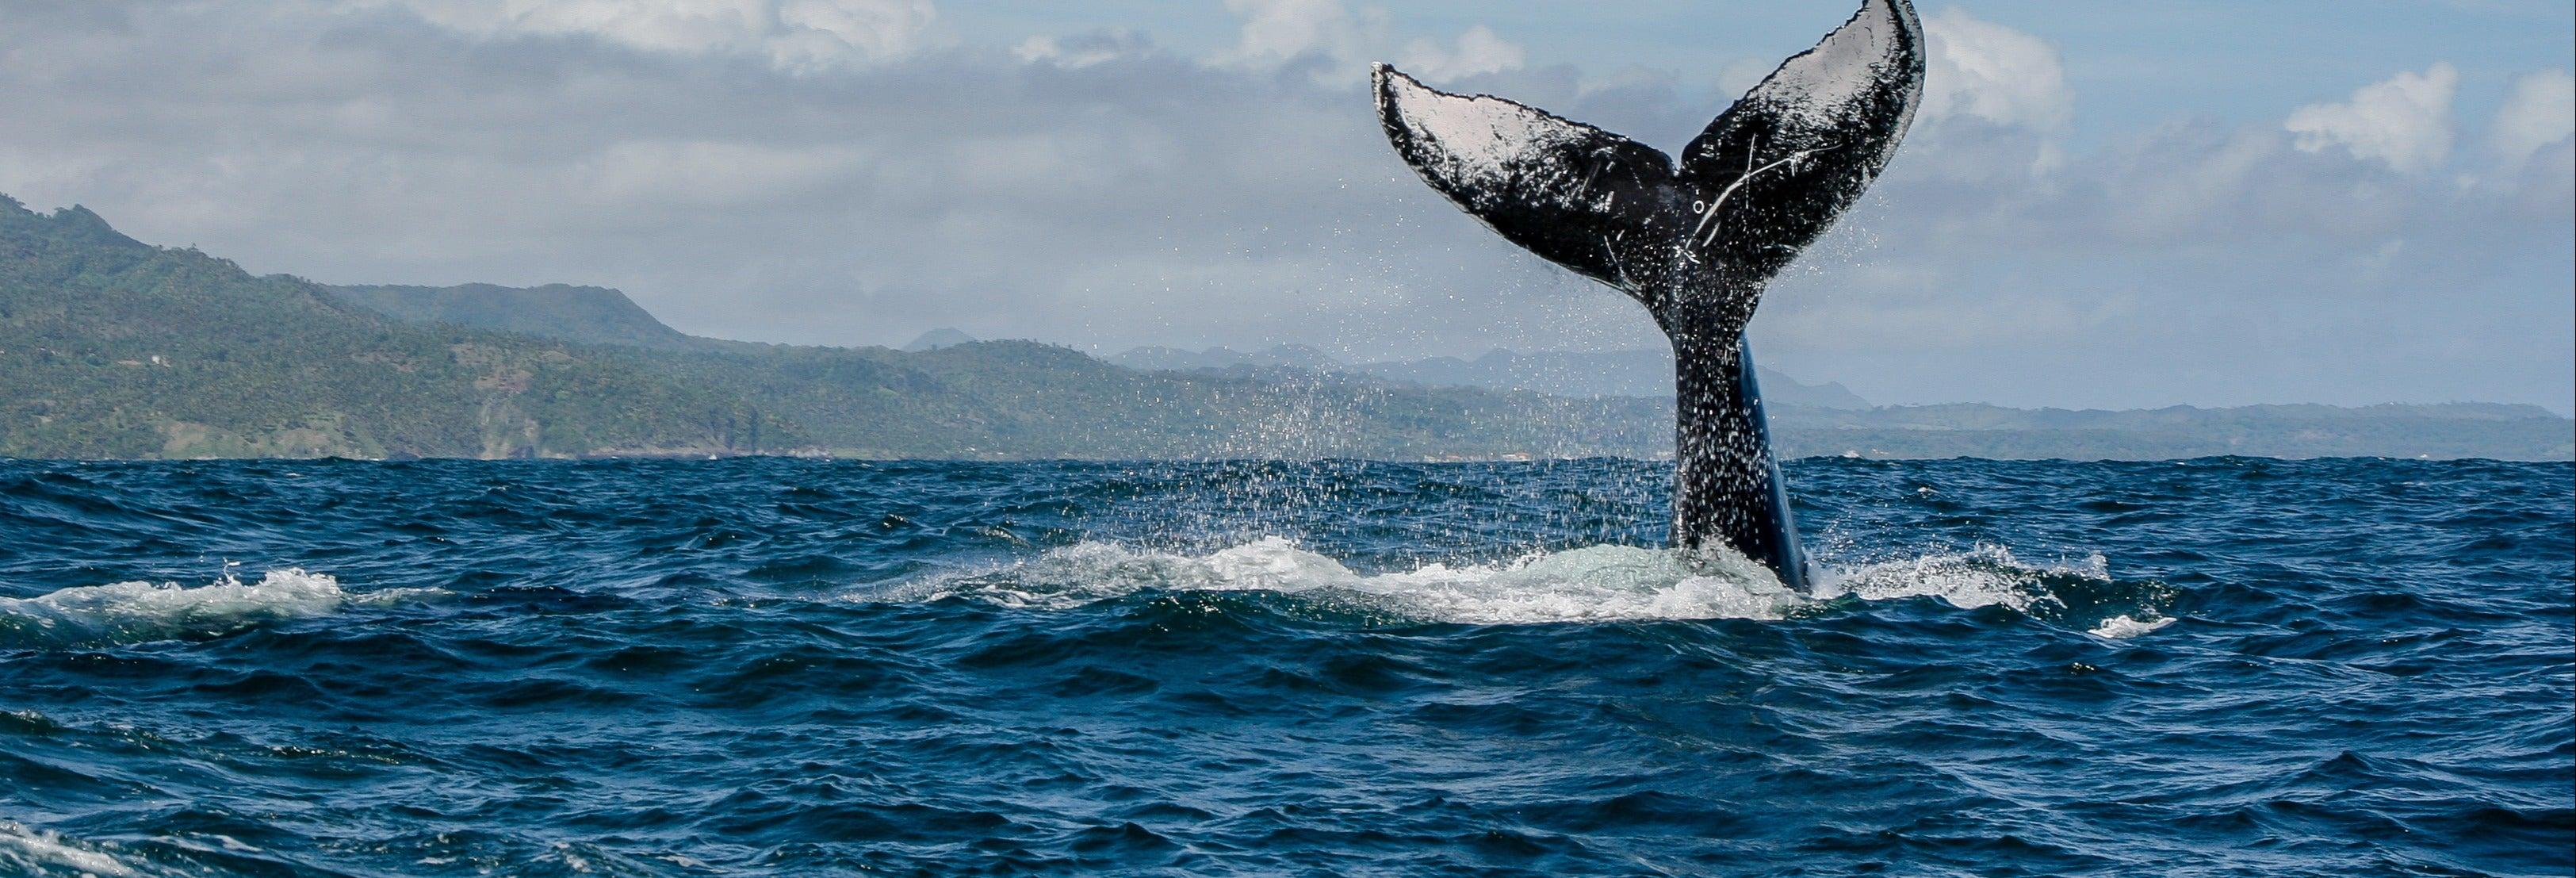 Observation de baleines en bateau à moteur